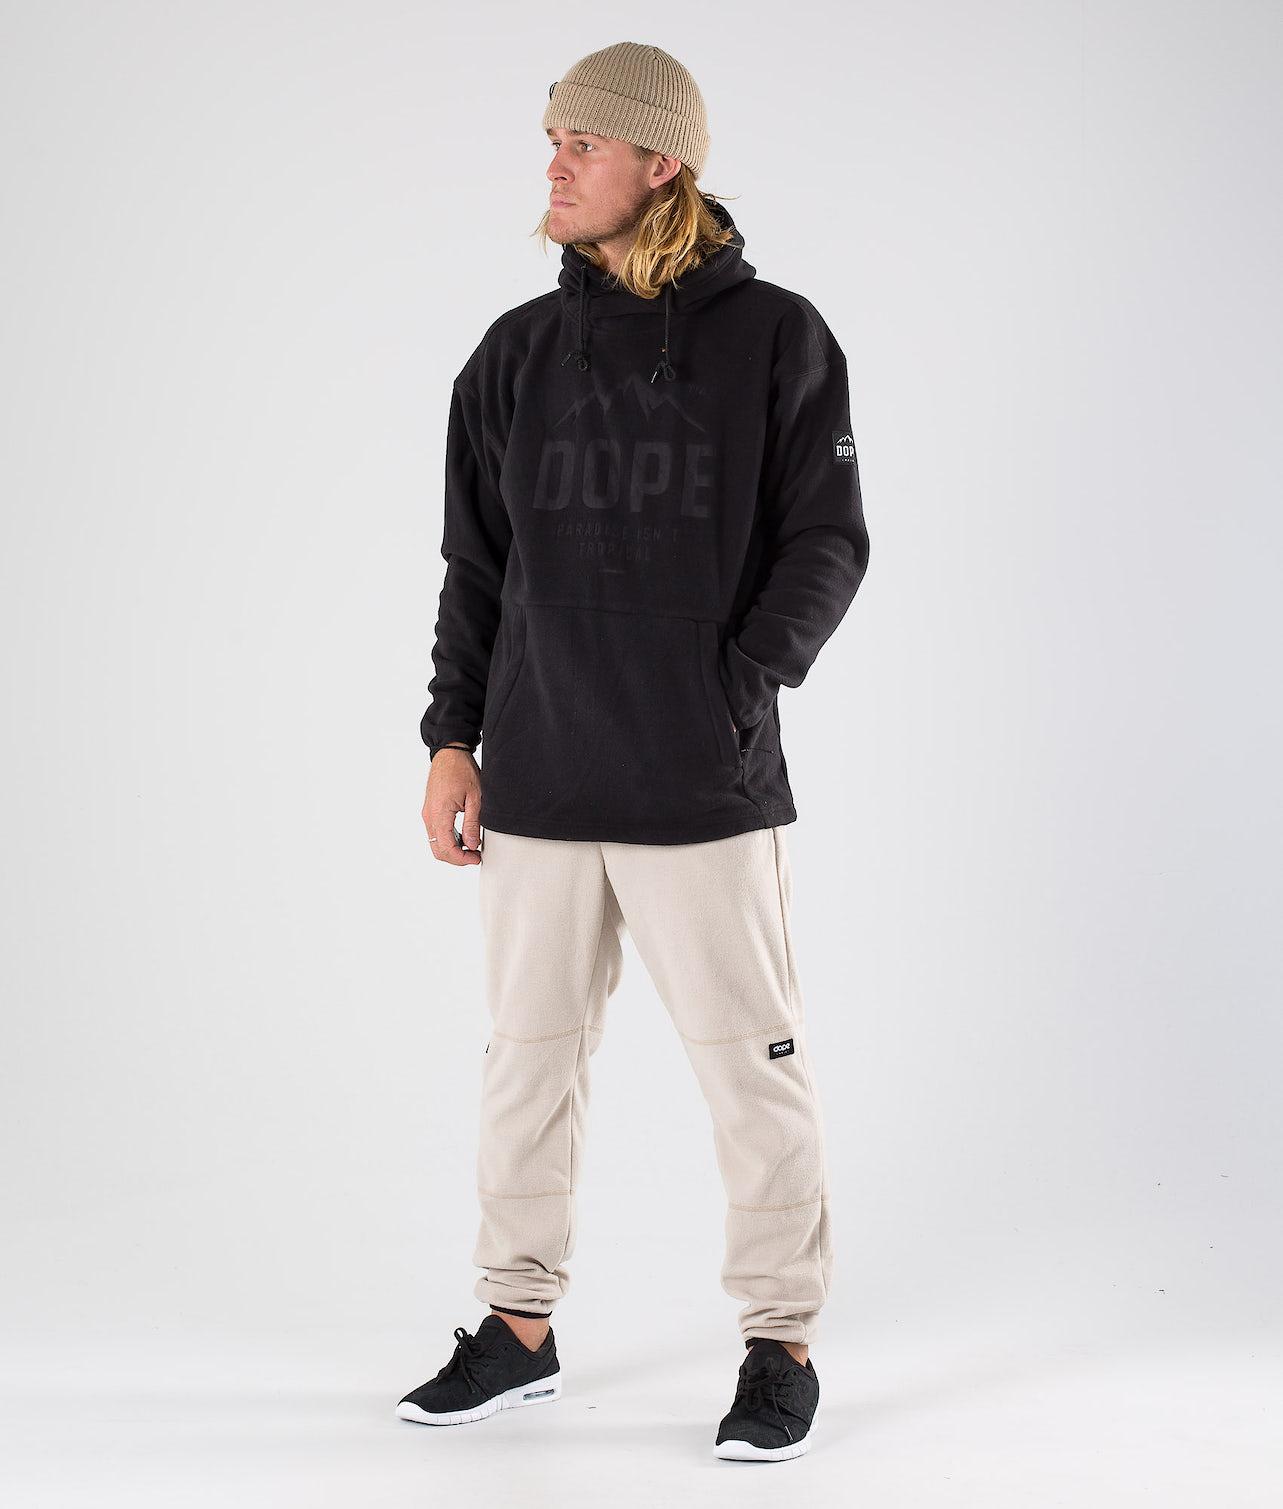 Kjøp Cozy Hood fra Dope på Ridestore.no - Hos oss har du alltid fri frakt, fri retur og 30 dagers åpent kjøp!